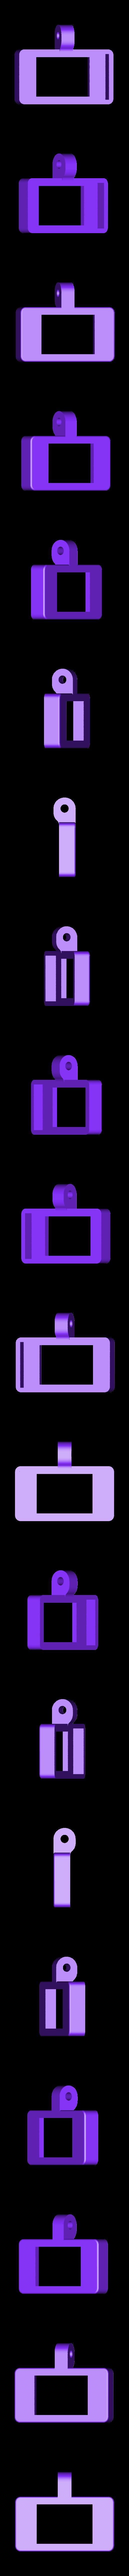 Case-Light-Led-C-3216.STL Télécharger fichier STL gratuit Led Light pour imprimante 3D • Modèle pour impression 3D, perinski